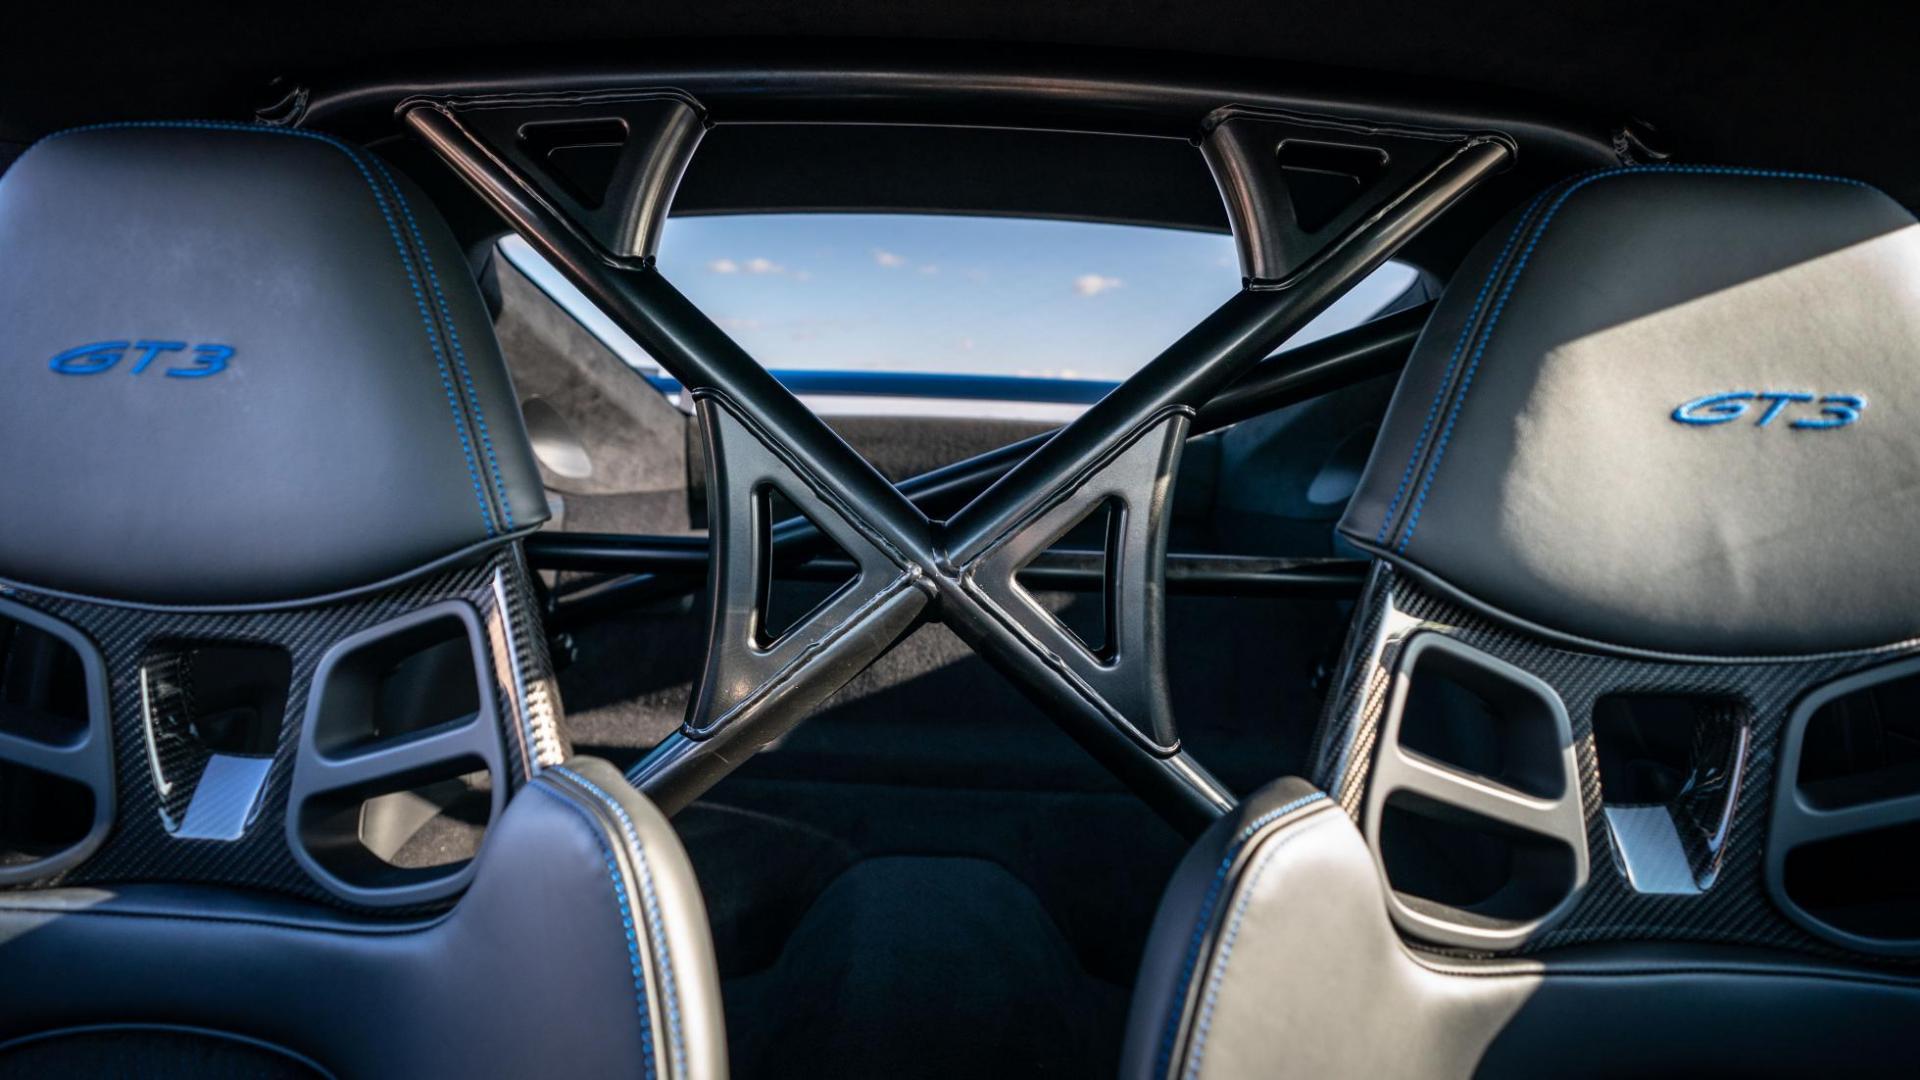 Rolkooi stoelen Porsche 911 GT3 (2021)